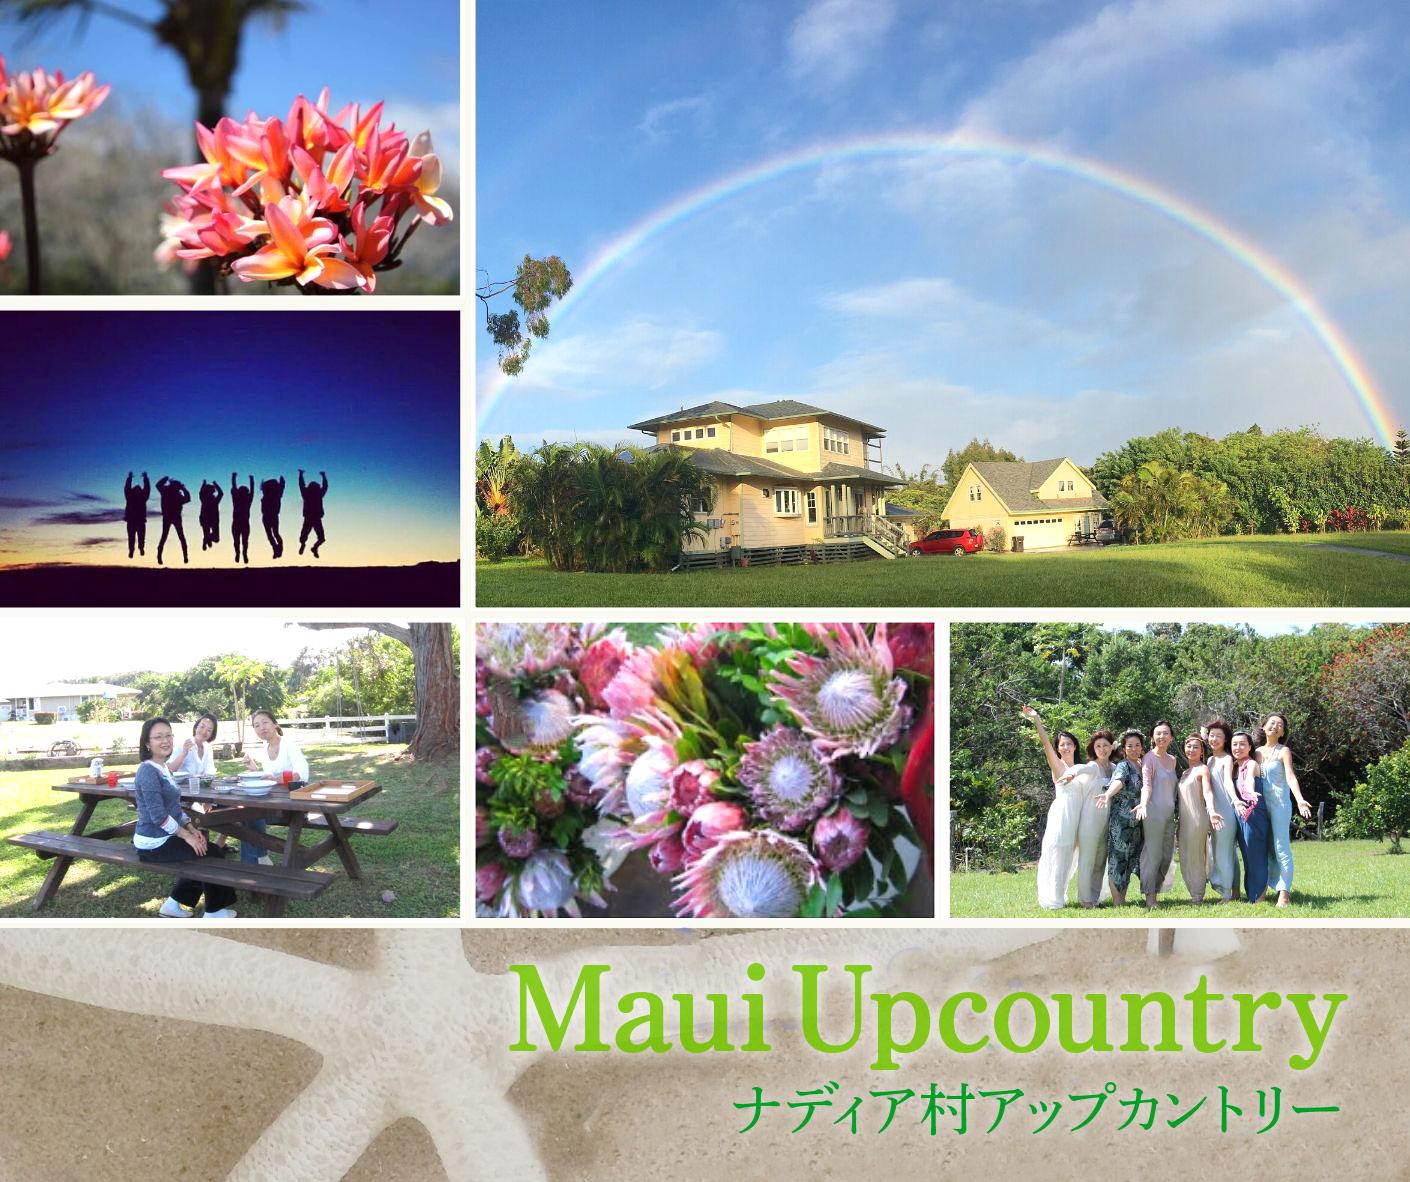 ハワイ ナディア村 アップカントリー